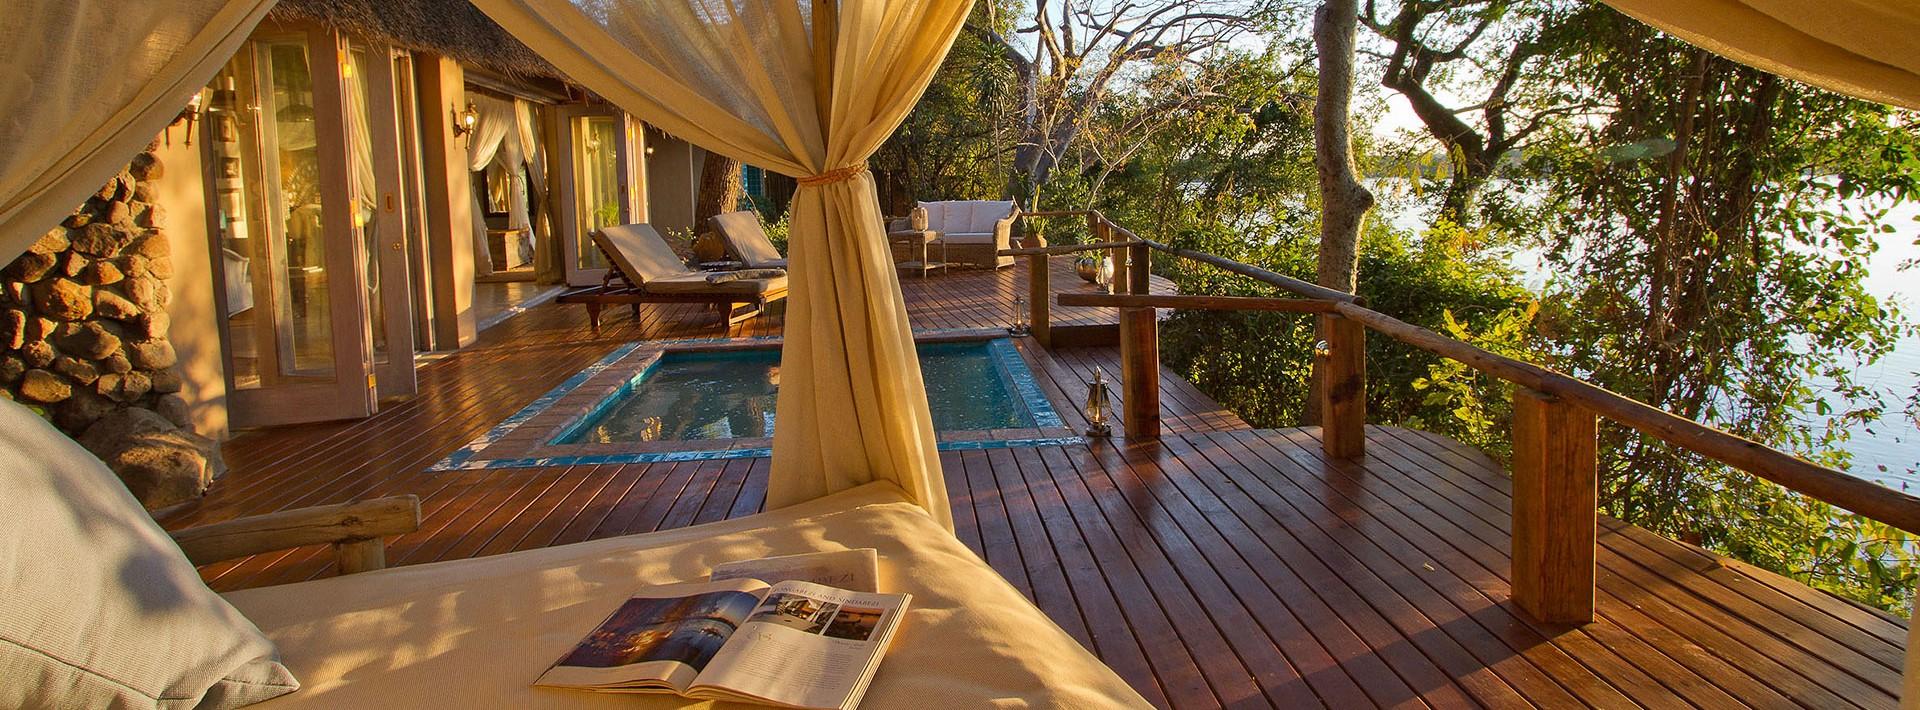 tongabezi-lodge-honeymoon-house